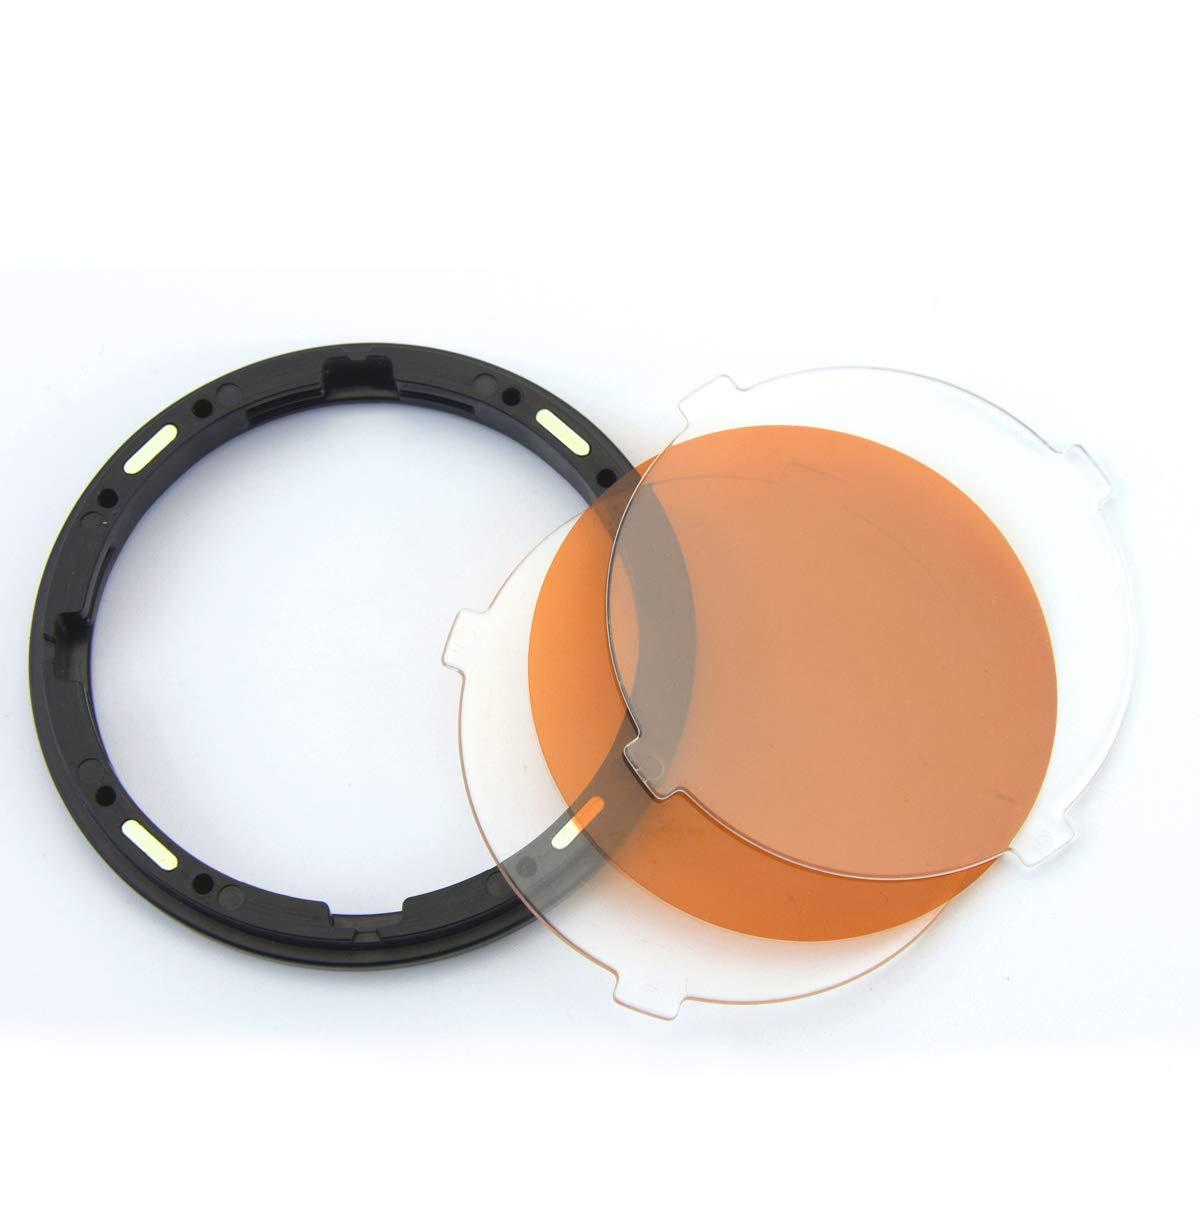 Godox AK-R16 Piastra diffusore magnetico con set di gel di impostazione della temperatura di colore Godox V1 V11T per flash V1-C V1-N V1-F V1-S V1-O Speedlite